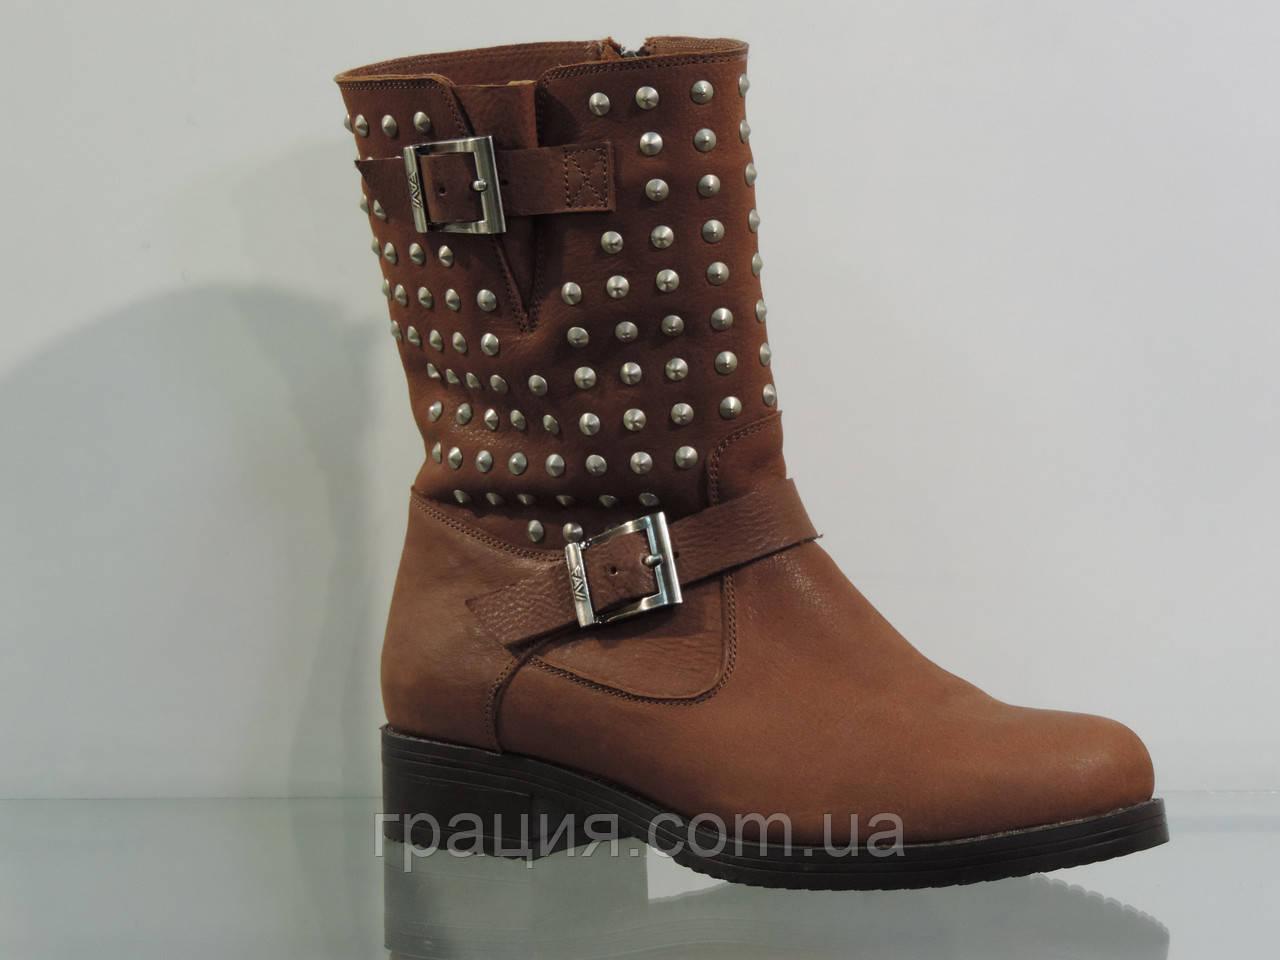 Стильные кожаные зимние ботинки коричневые